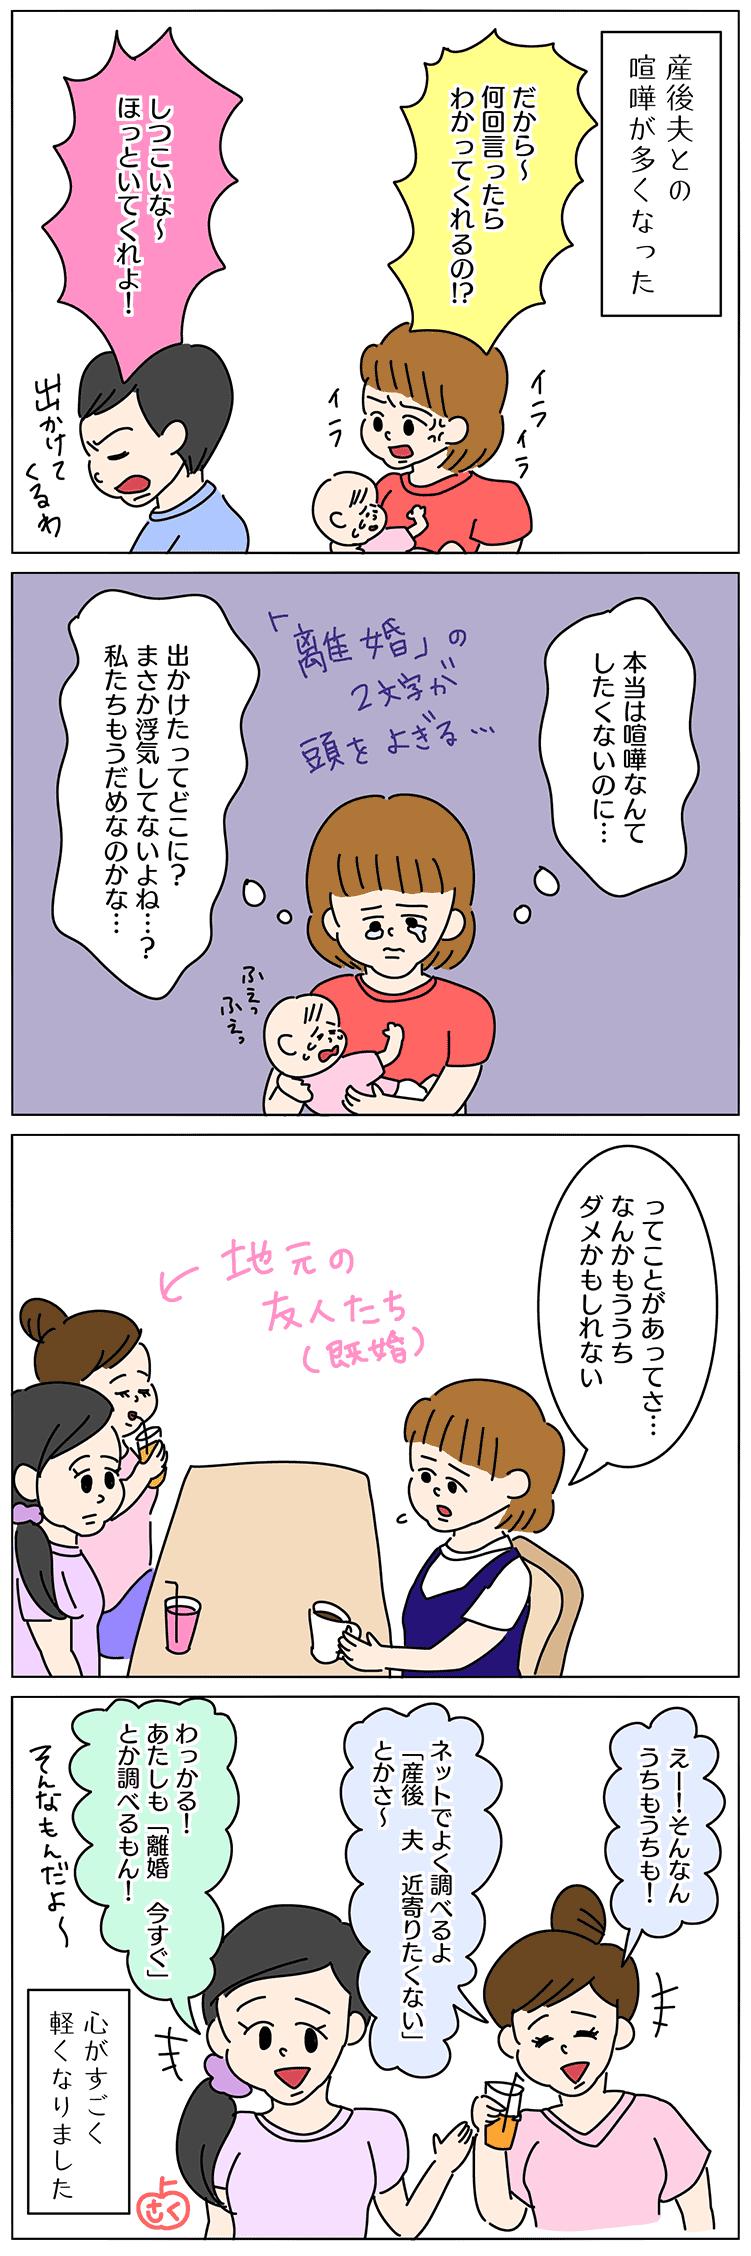 離婚理由についての4コマ漫画